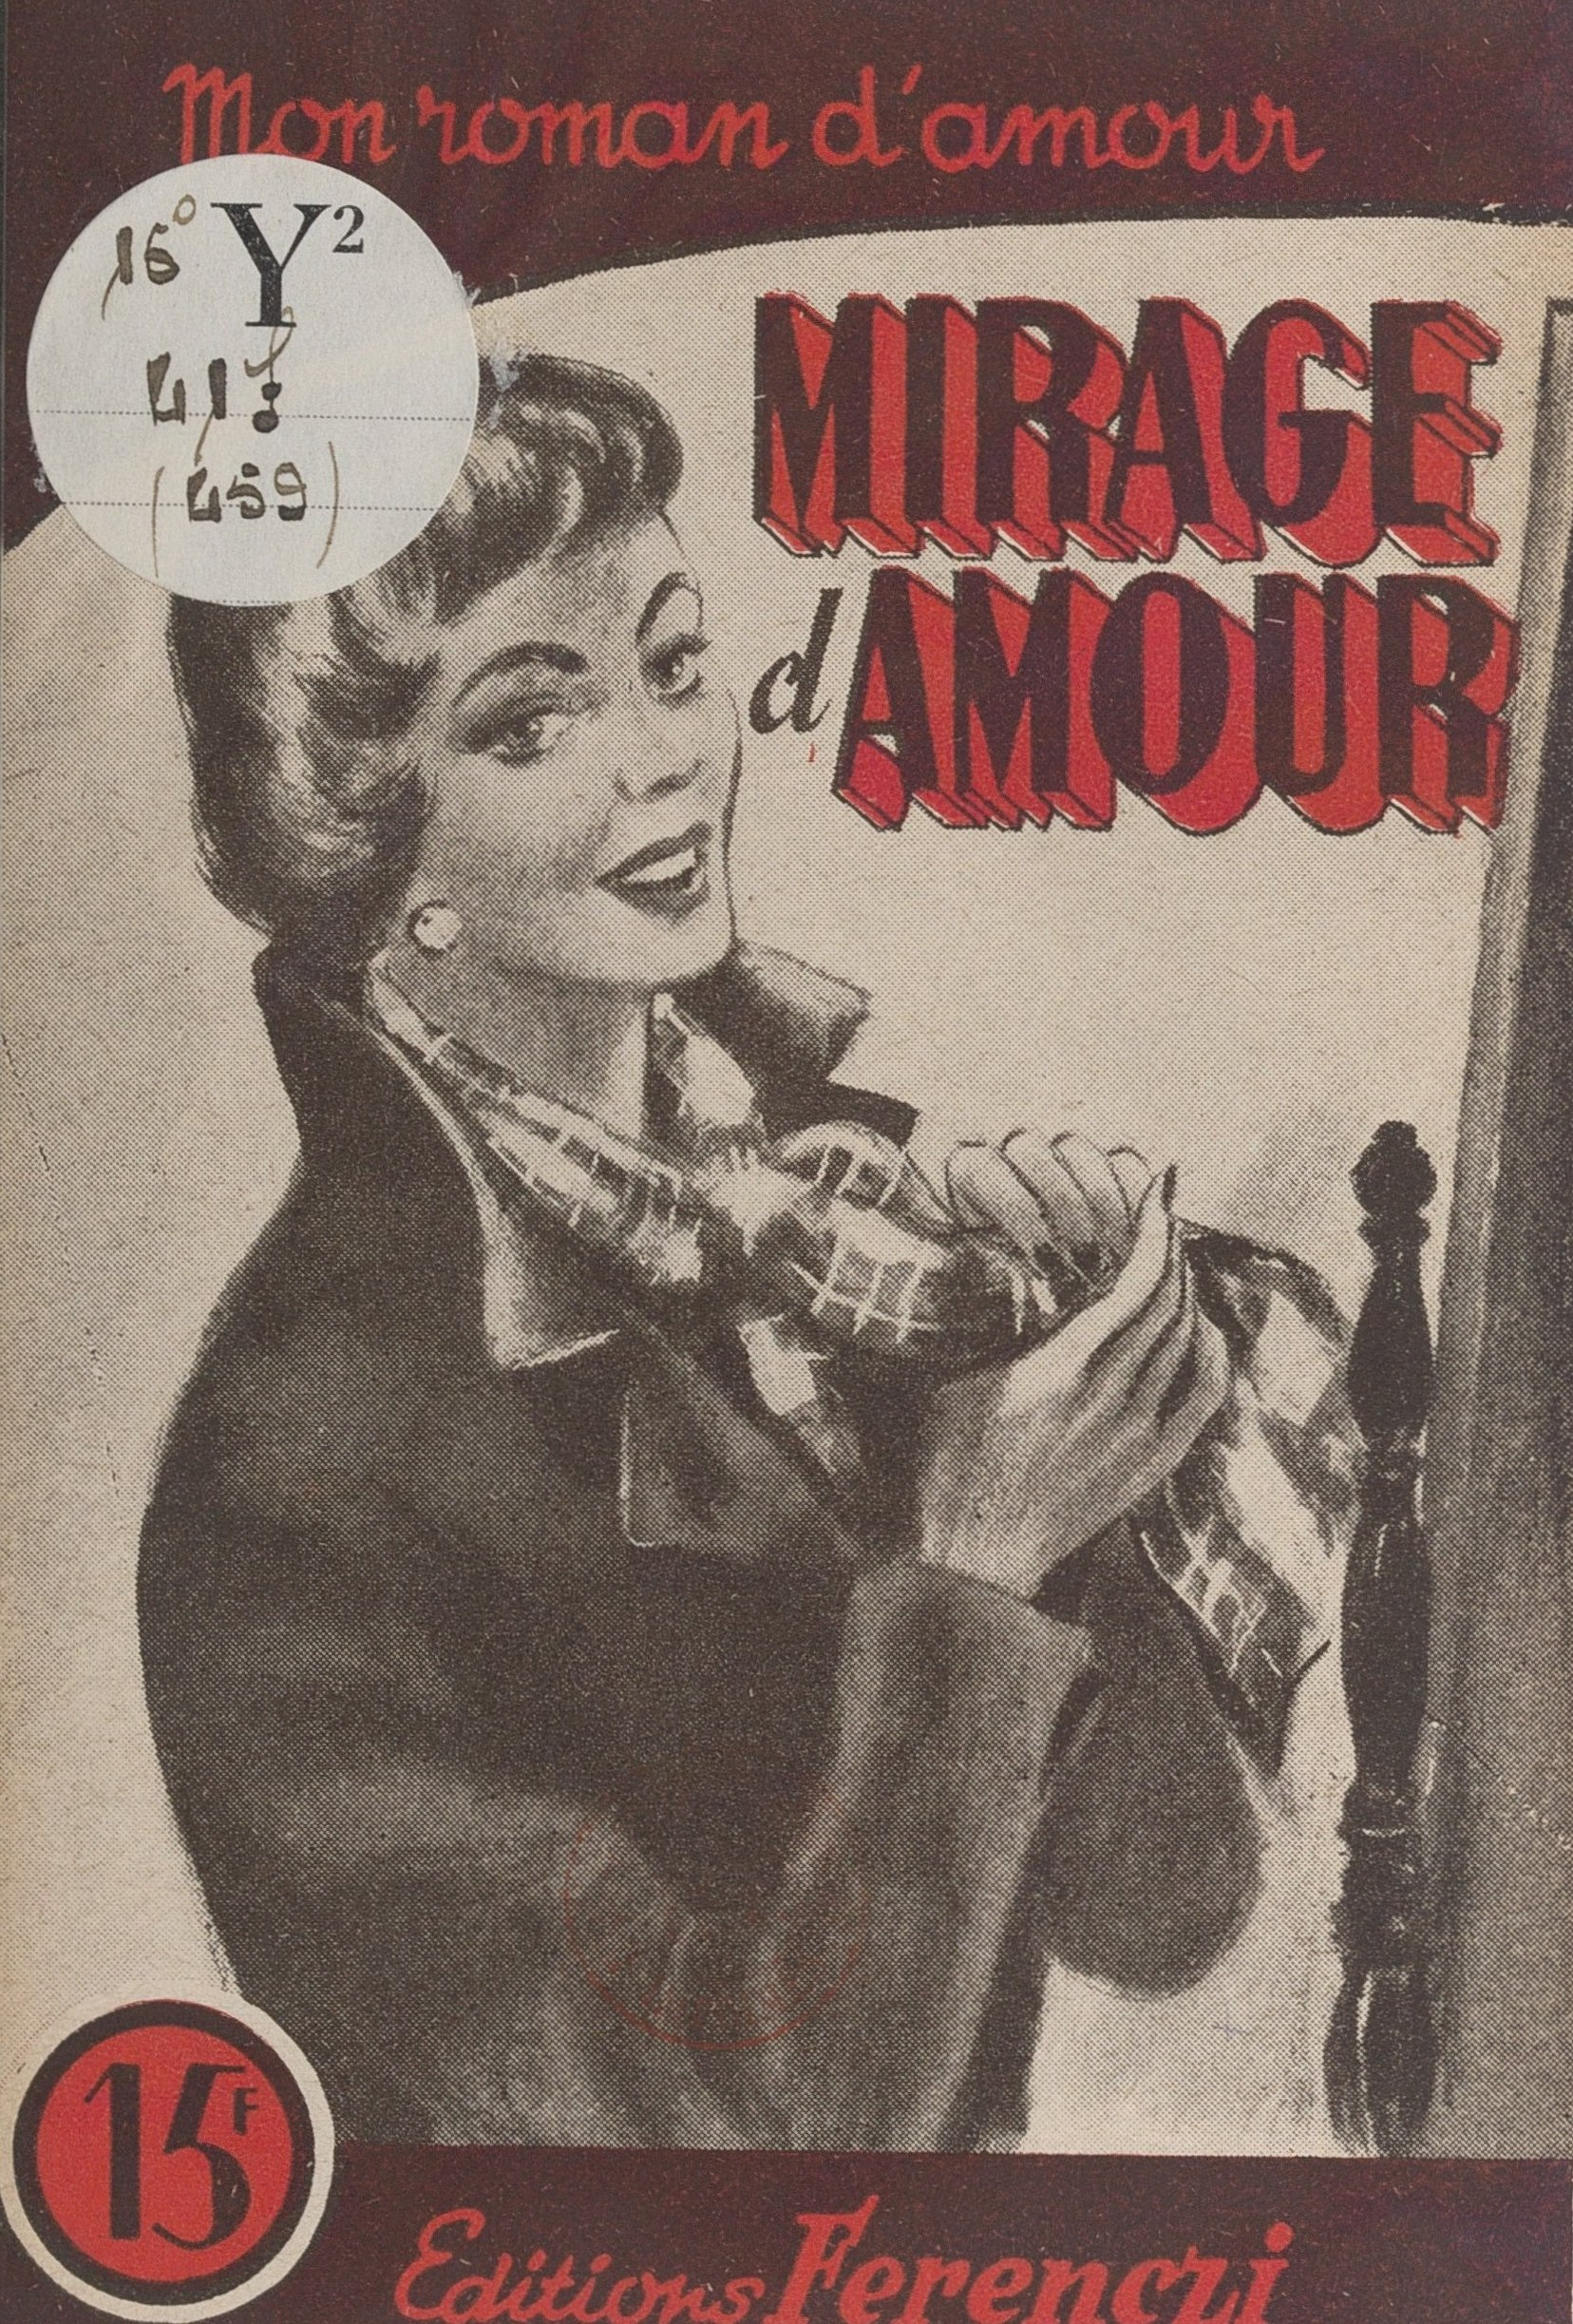 Mirage d'amour